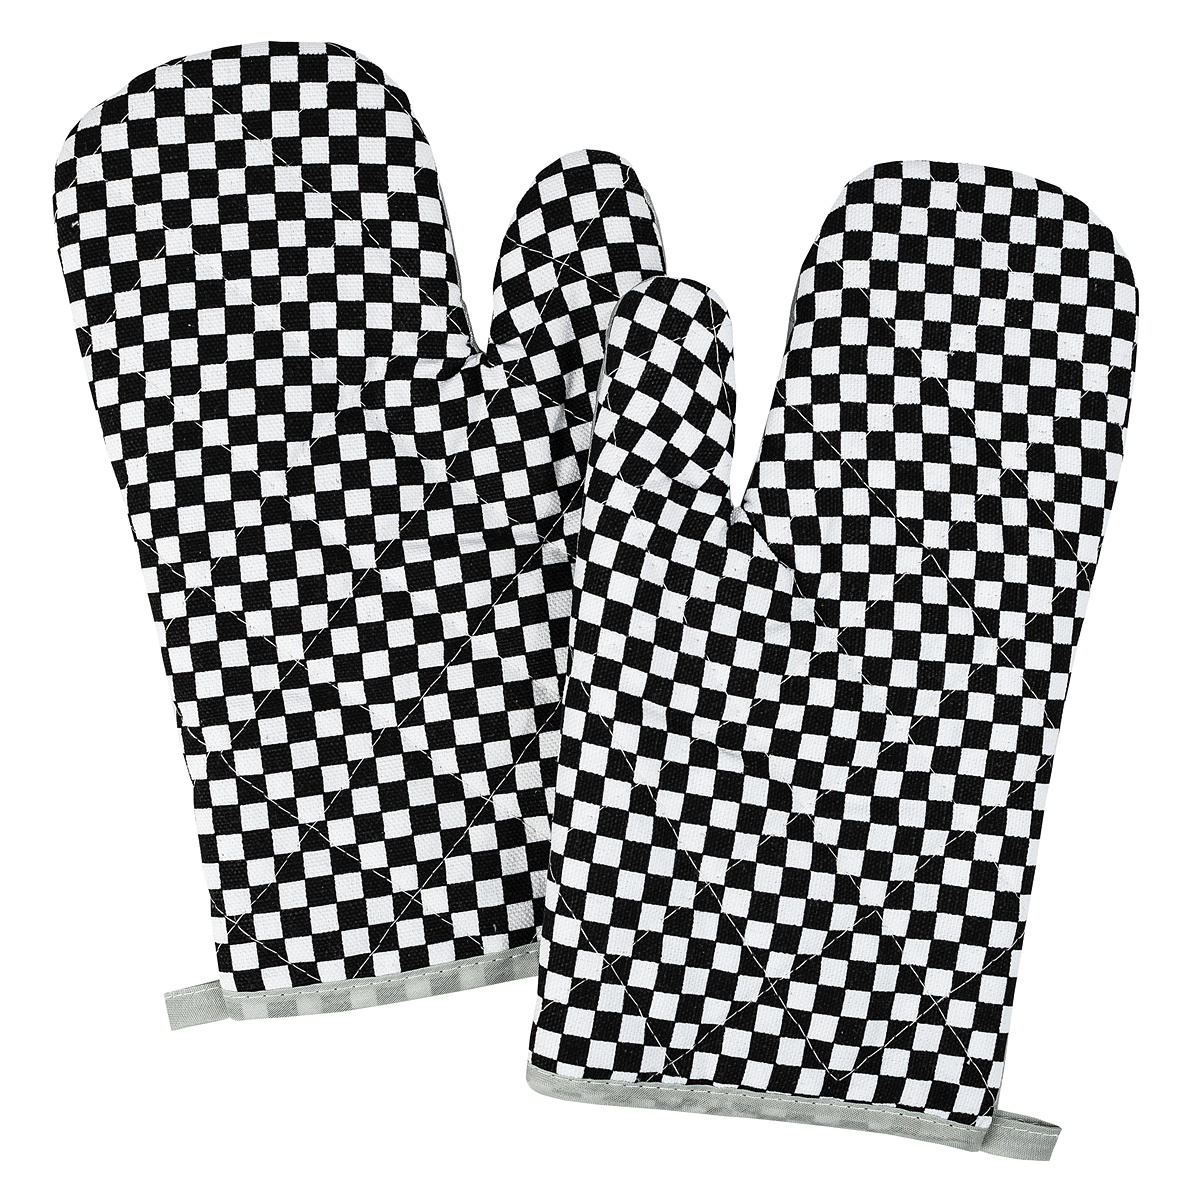 Jahu Chňapka Kostka černobílá, 28 x 18 cm, sada 2 ks